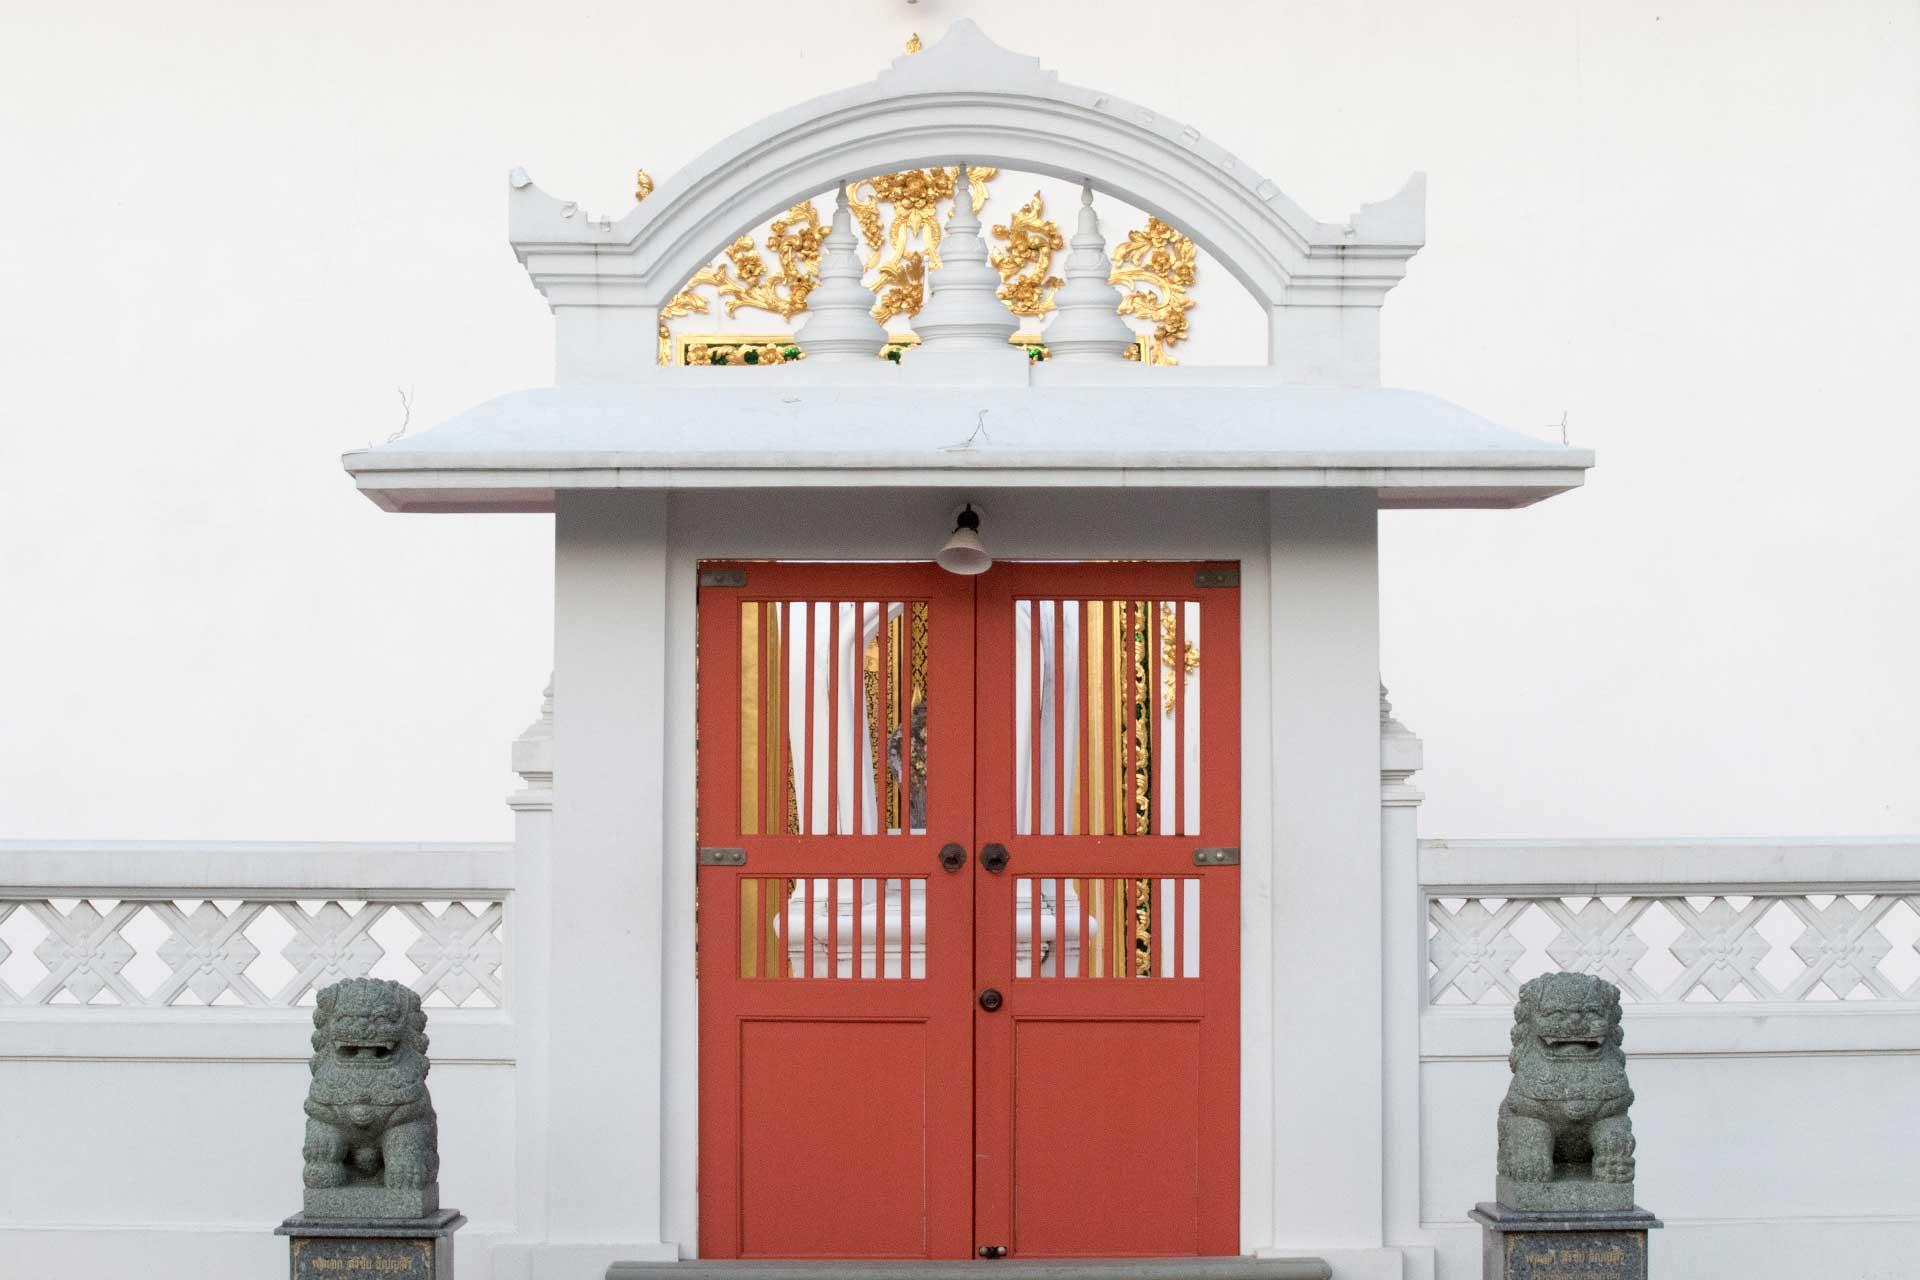 ซุ้มประตูอุโบสถ